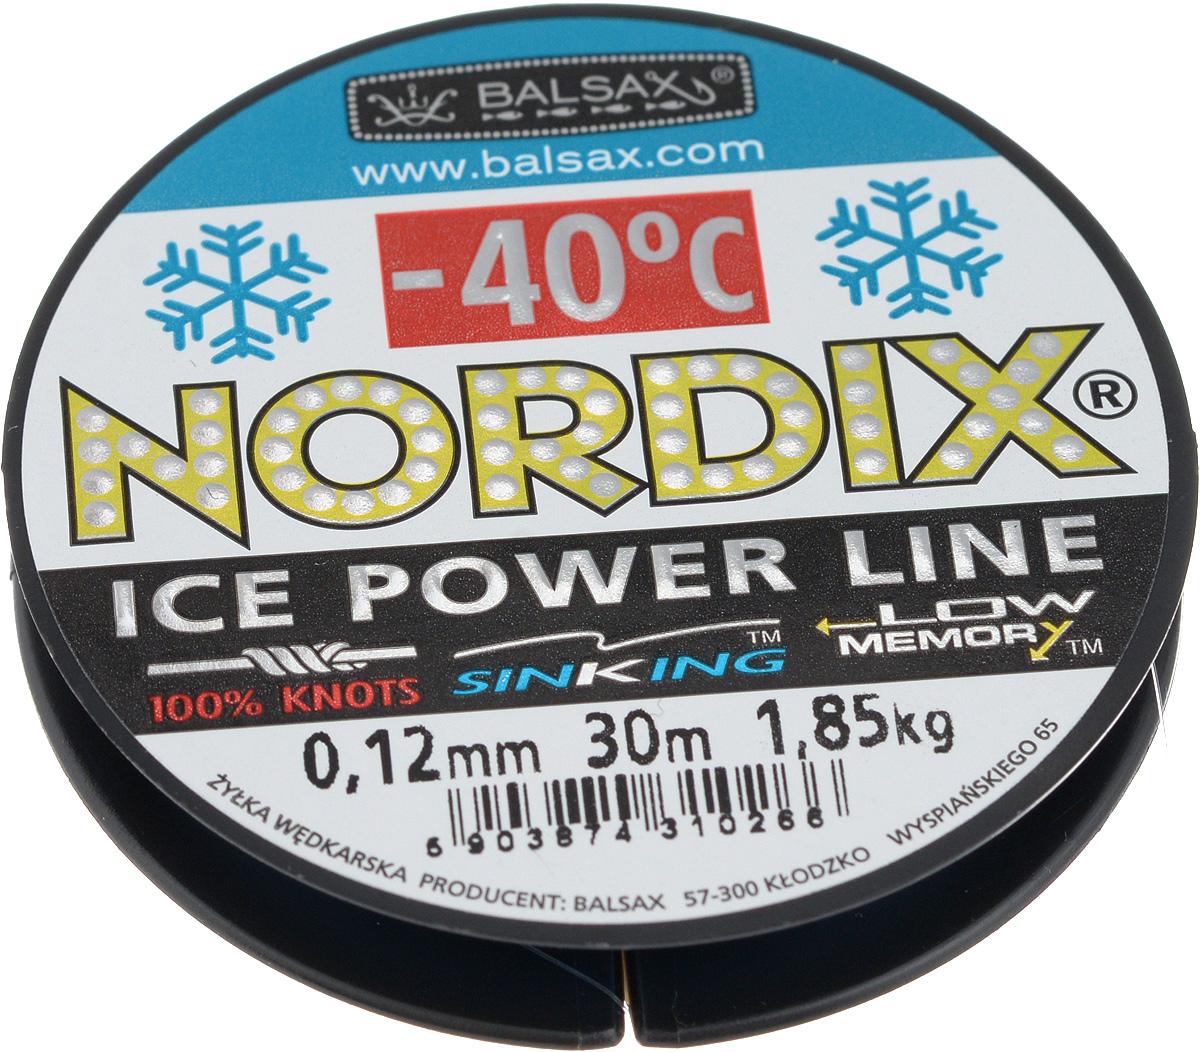 Леска зимняя Balsax Nordix, 30 м, 0,12 мм, 1,85 кг310-12012Леска Balsax Nordix изготовлена из 100% нейлона и очень хорошо выдерживает низкие температуры. Даже в самом холодном климате, при температуре вплоть до -40°C, она сохраняет свои свойства практически без изменений, в то время как традиционные лески становятся менее эластичными и теряют прочность. Поверхность лески обработана таким образом, что она не обмерзает и отлично подходит для подледного лова. Прочна в местах вязки узлов даже при минимальном диаметре.